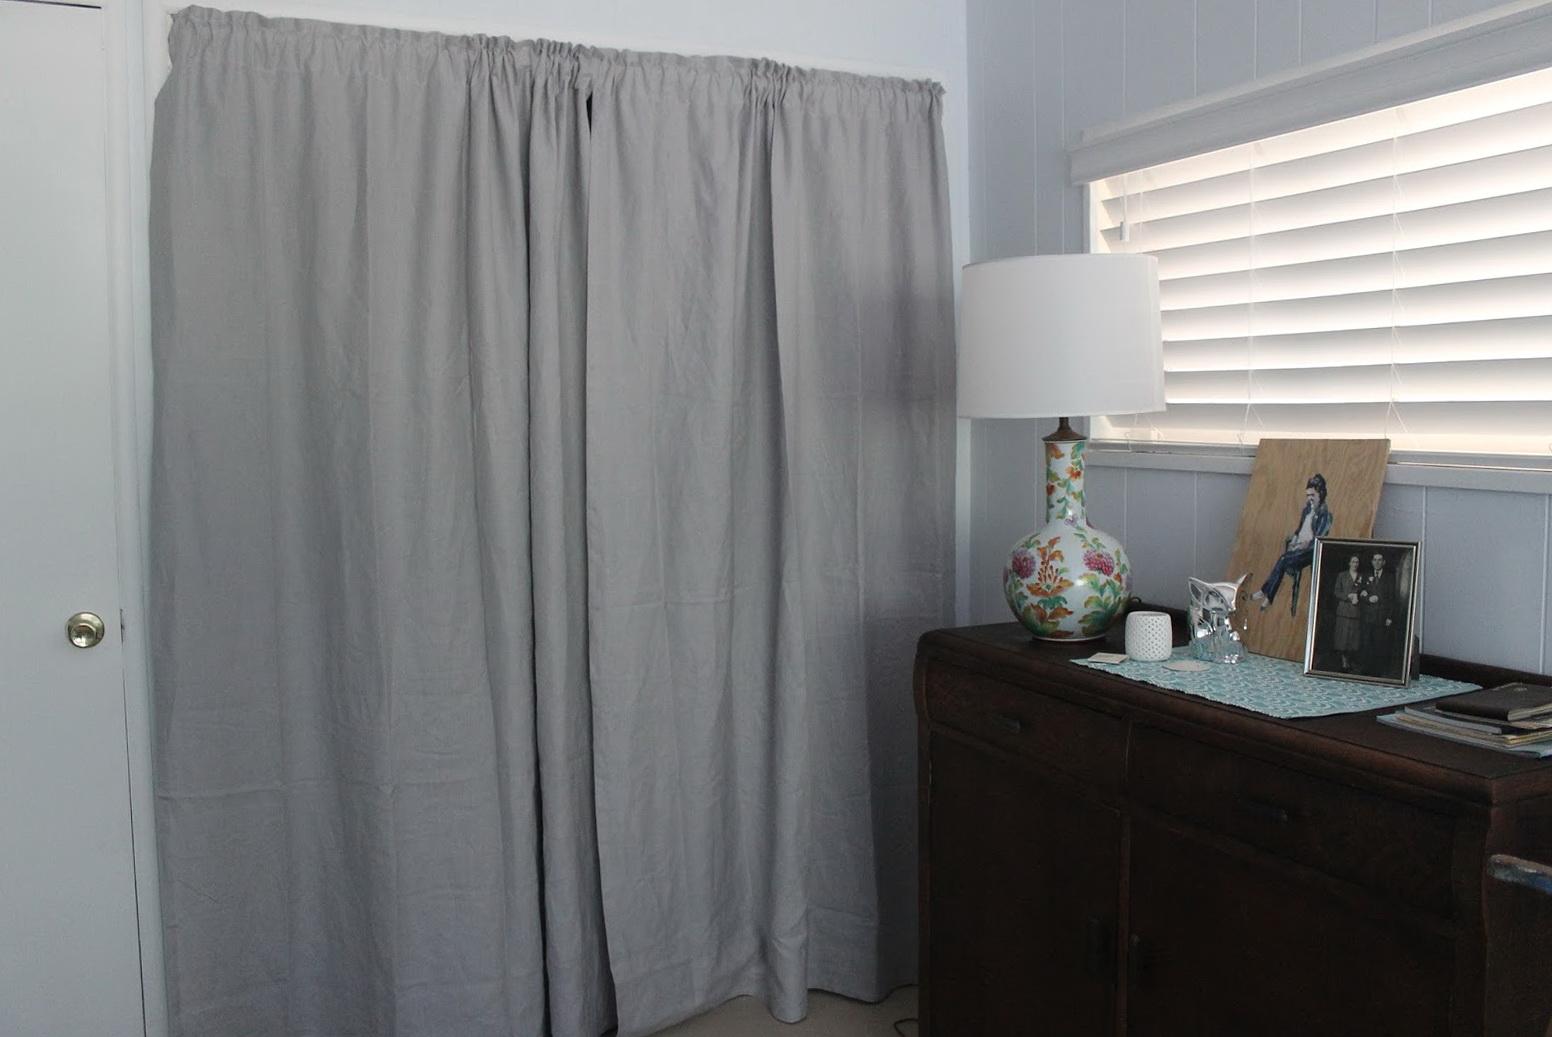 Closet Door Curtains Ikea